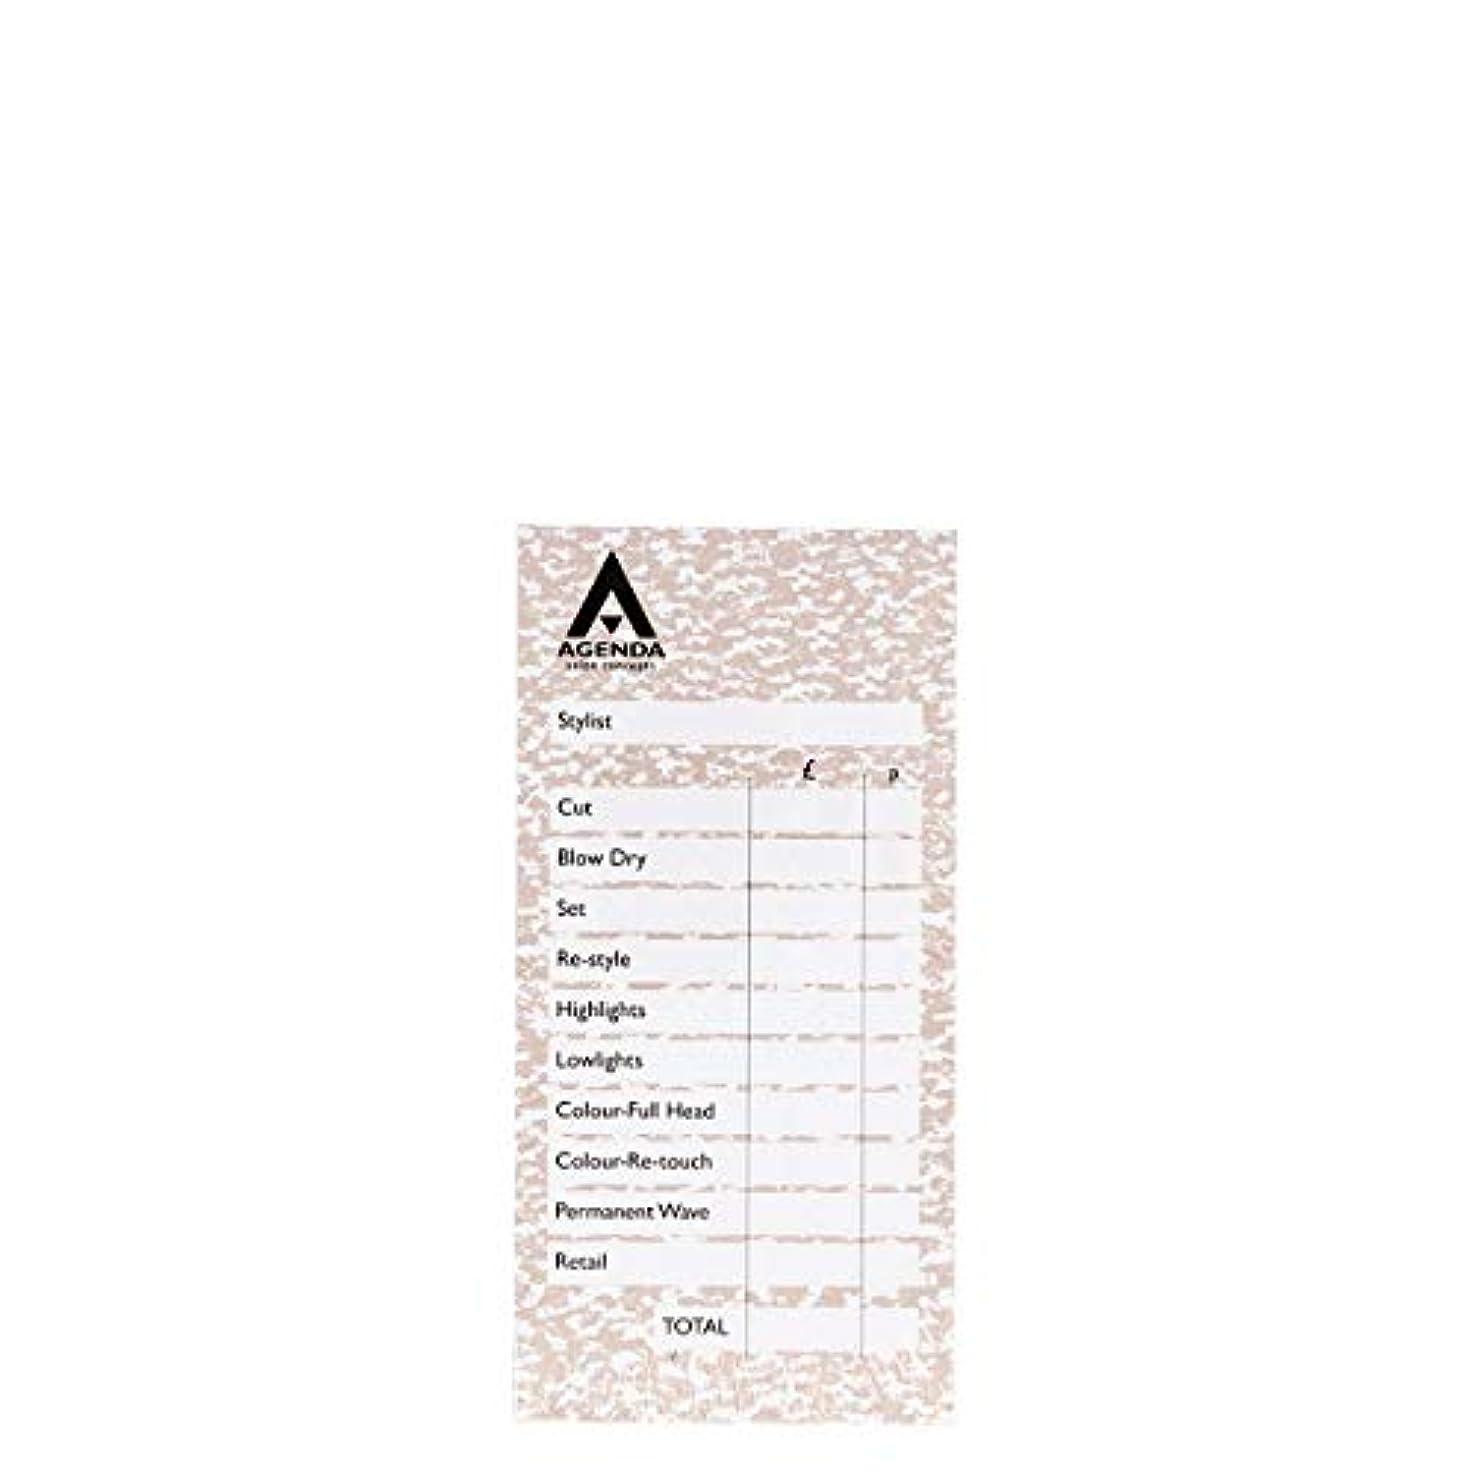 大通りネックレス咳アジェンダ サロンコンセプト チェックパッドベージュ6x100リーフ[海外直送品] [並行輸入品]